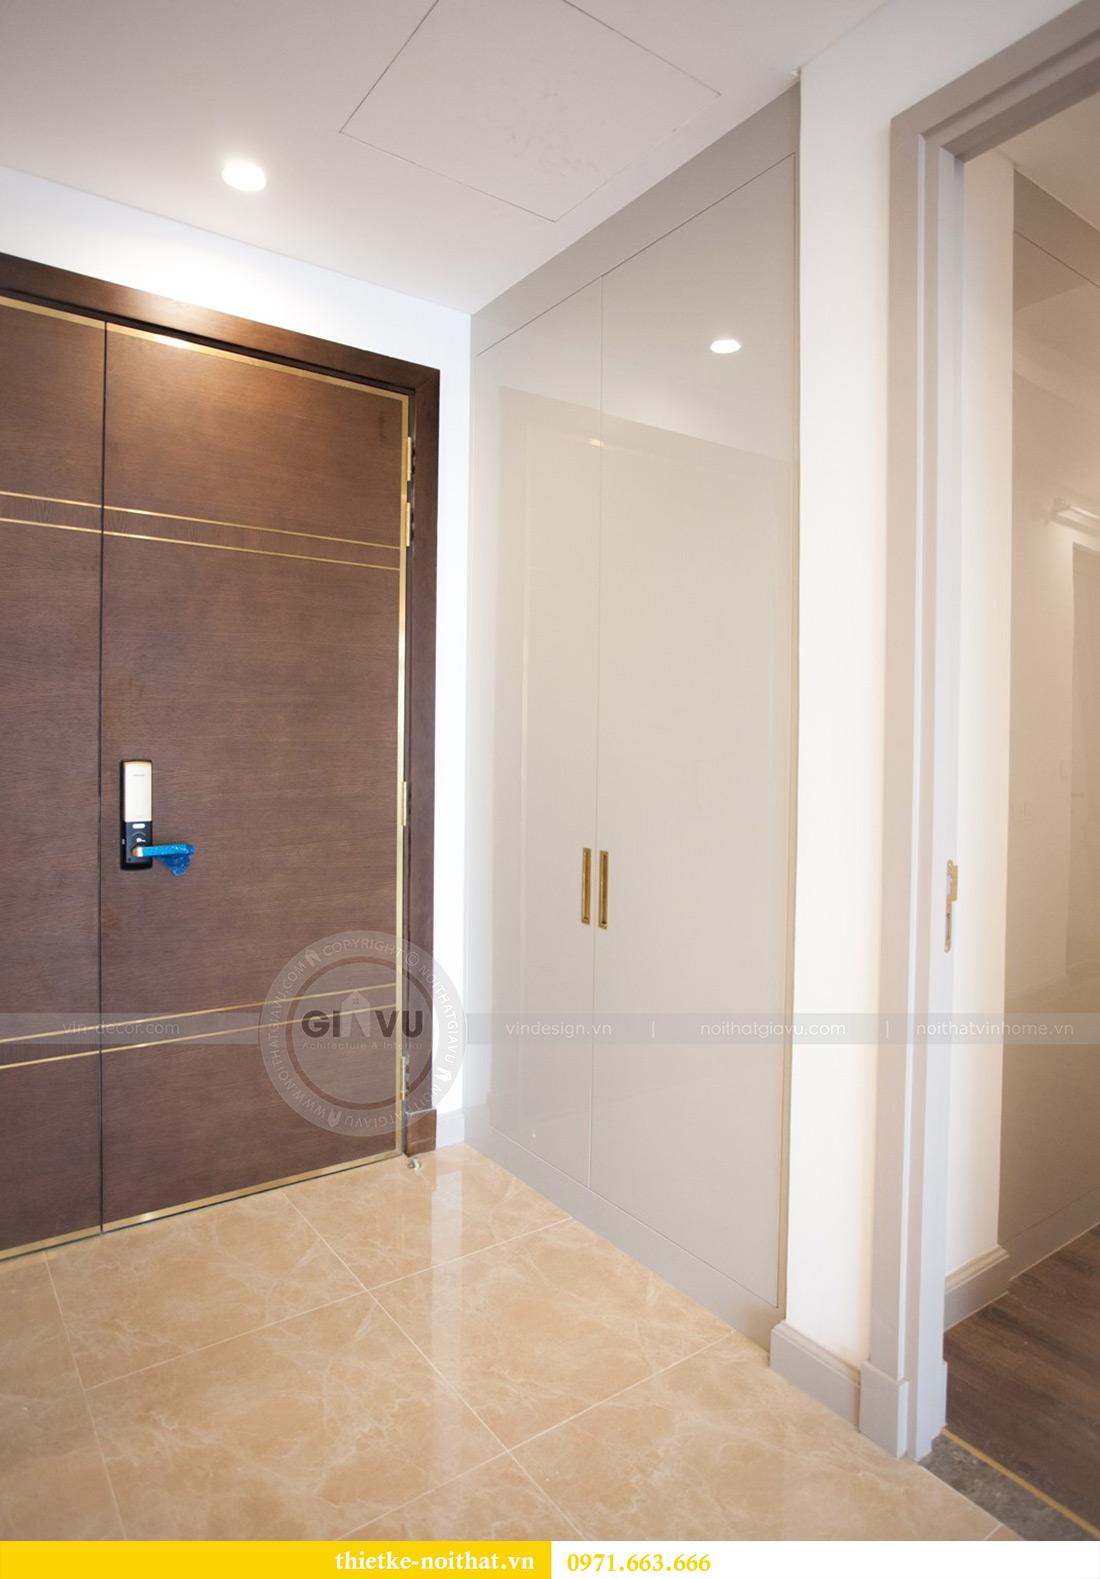 Hoàn thiện nội thất chung cư 69B Thụy Khuê tòa S2B căn 05 anh Thanh 1